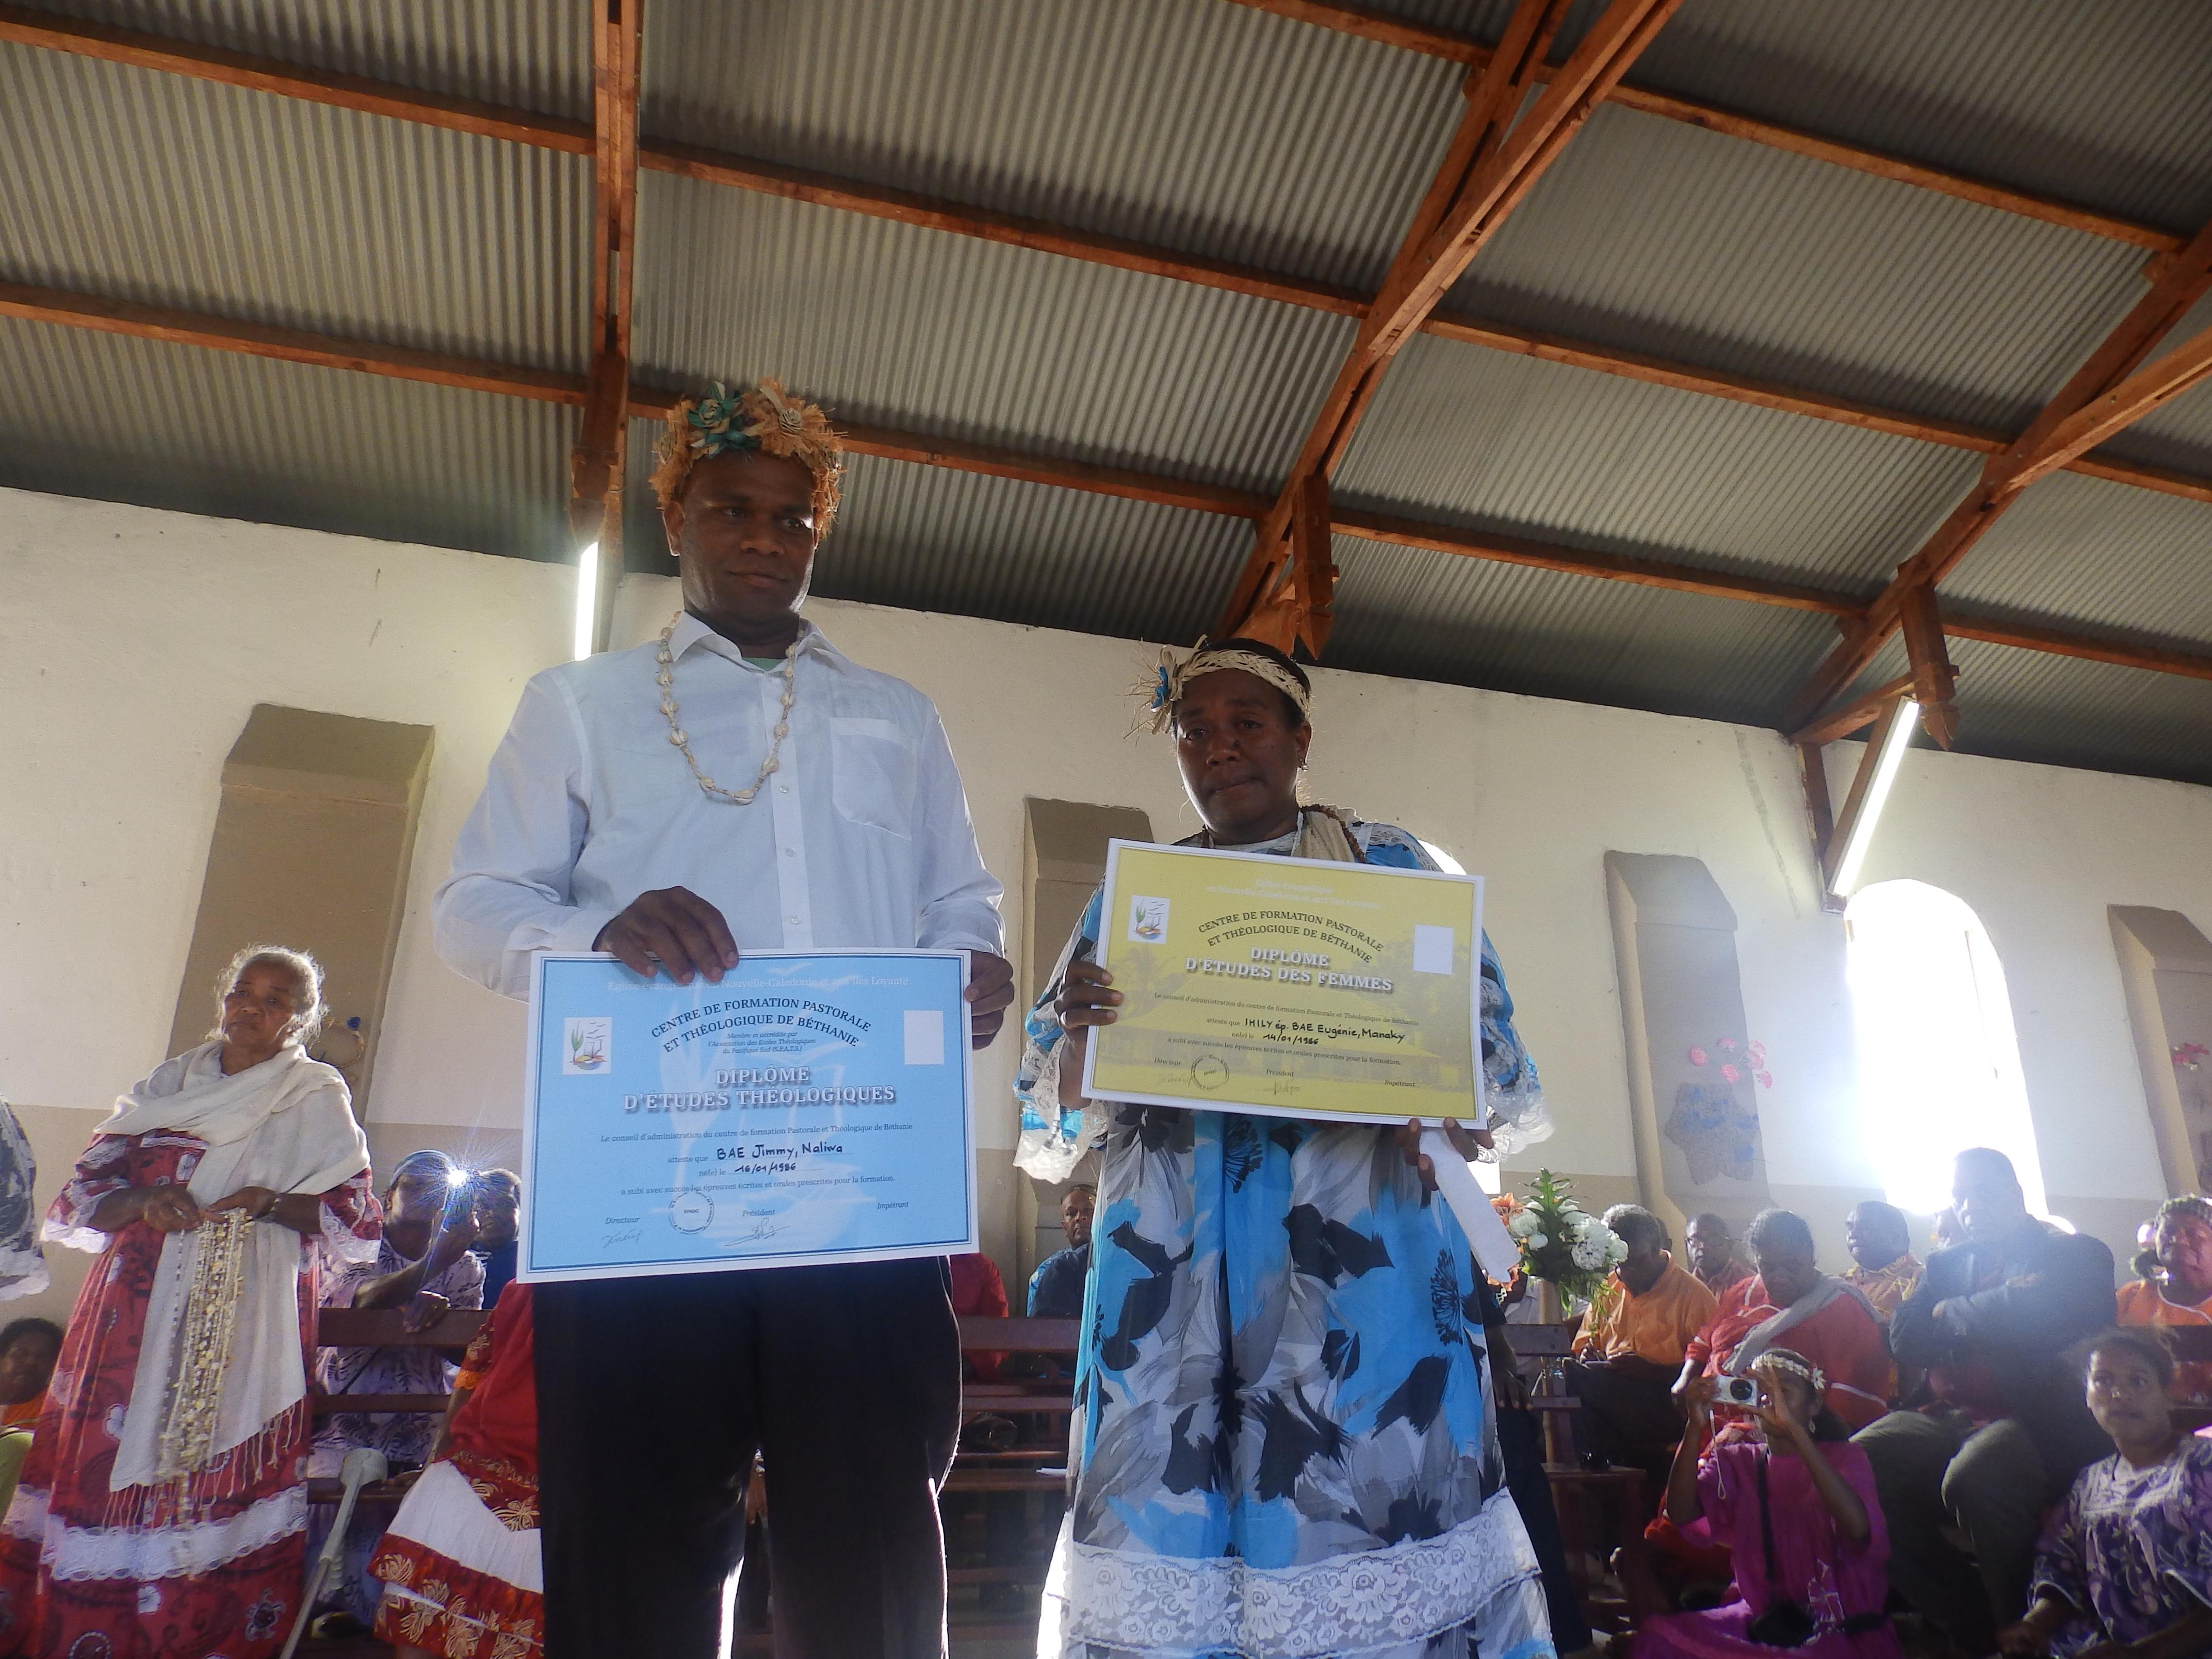 BAE Jimmy Naliwa et son épouse Eugénie Manaky reçoivent leurs diplômes. Ils devront exercer leur ministère pastoral dans la région de Momawe.